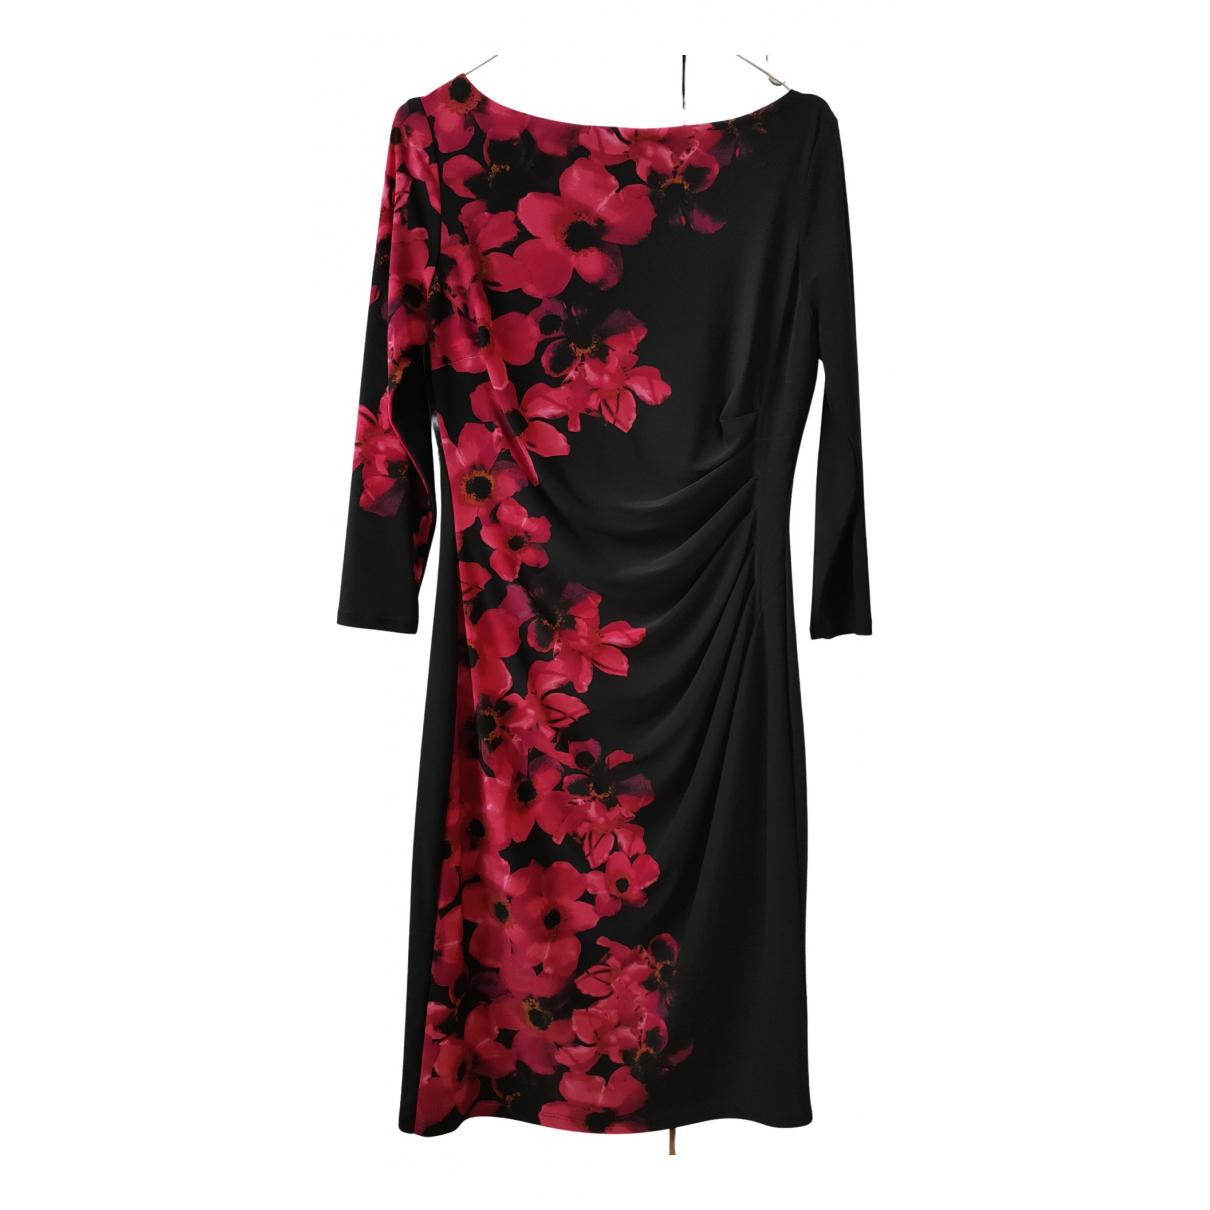 Lauren Ralph Lauren N Multicolour dress for Women 6 US